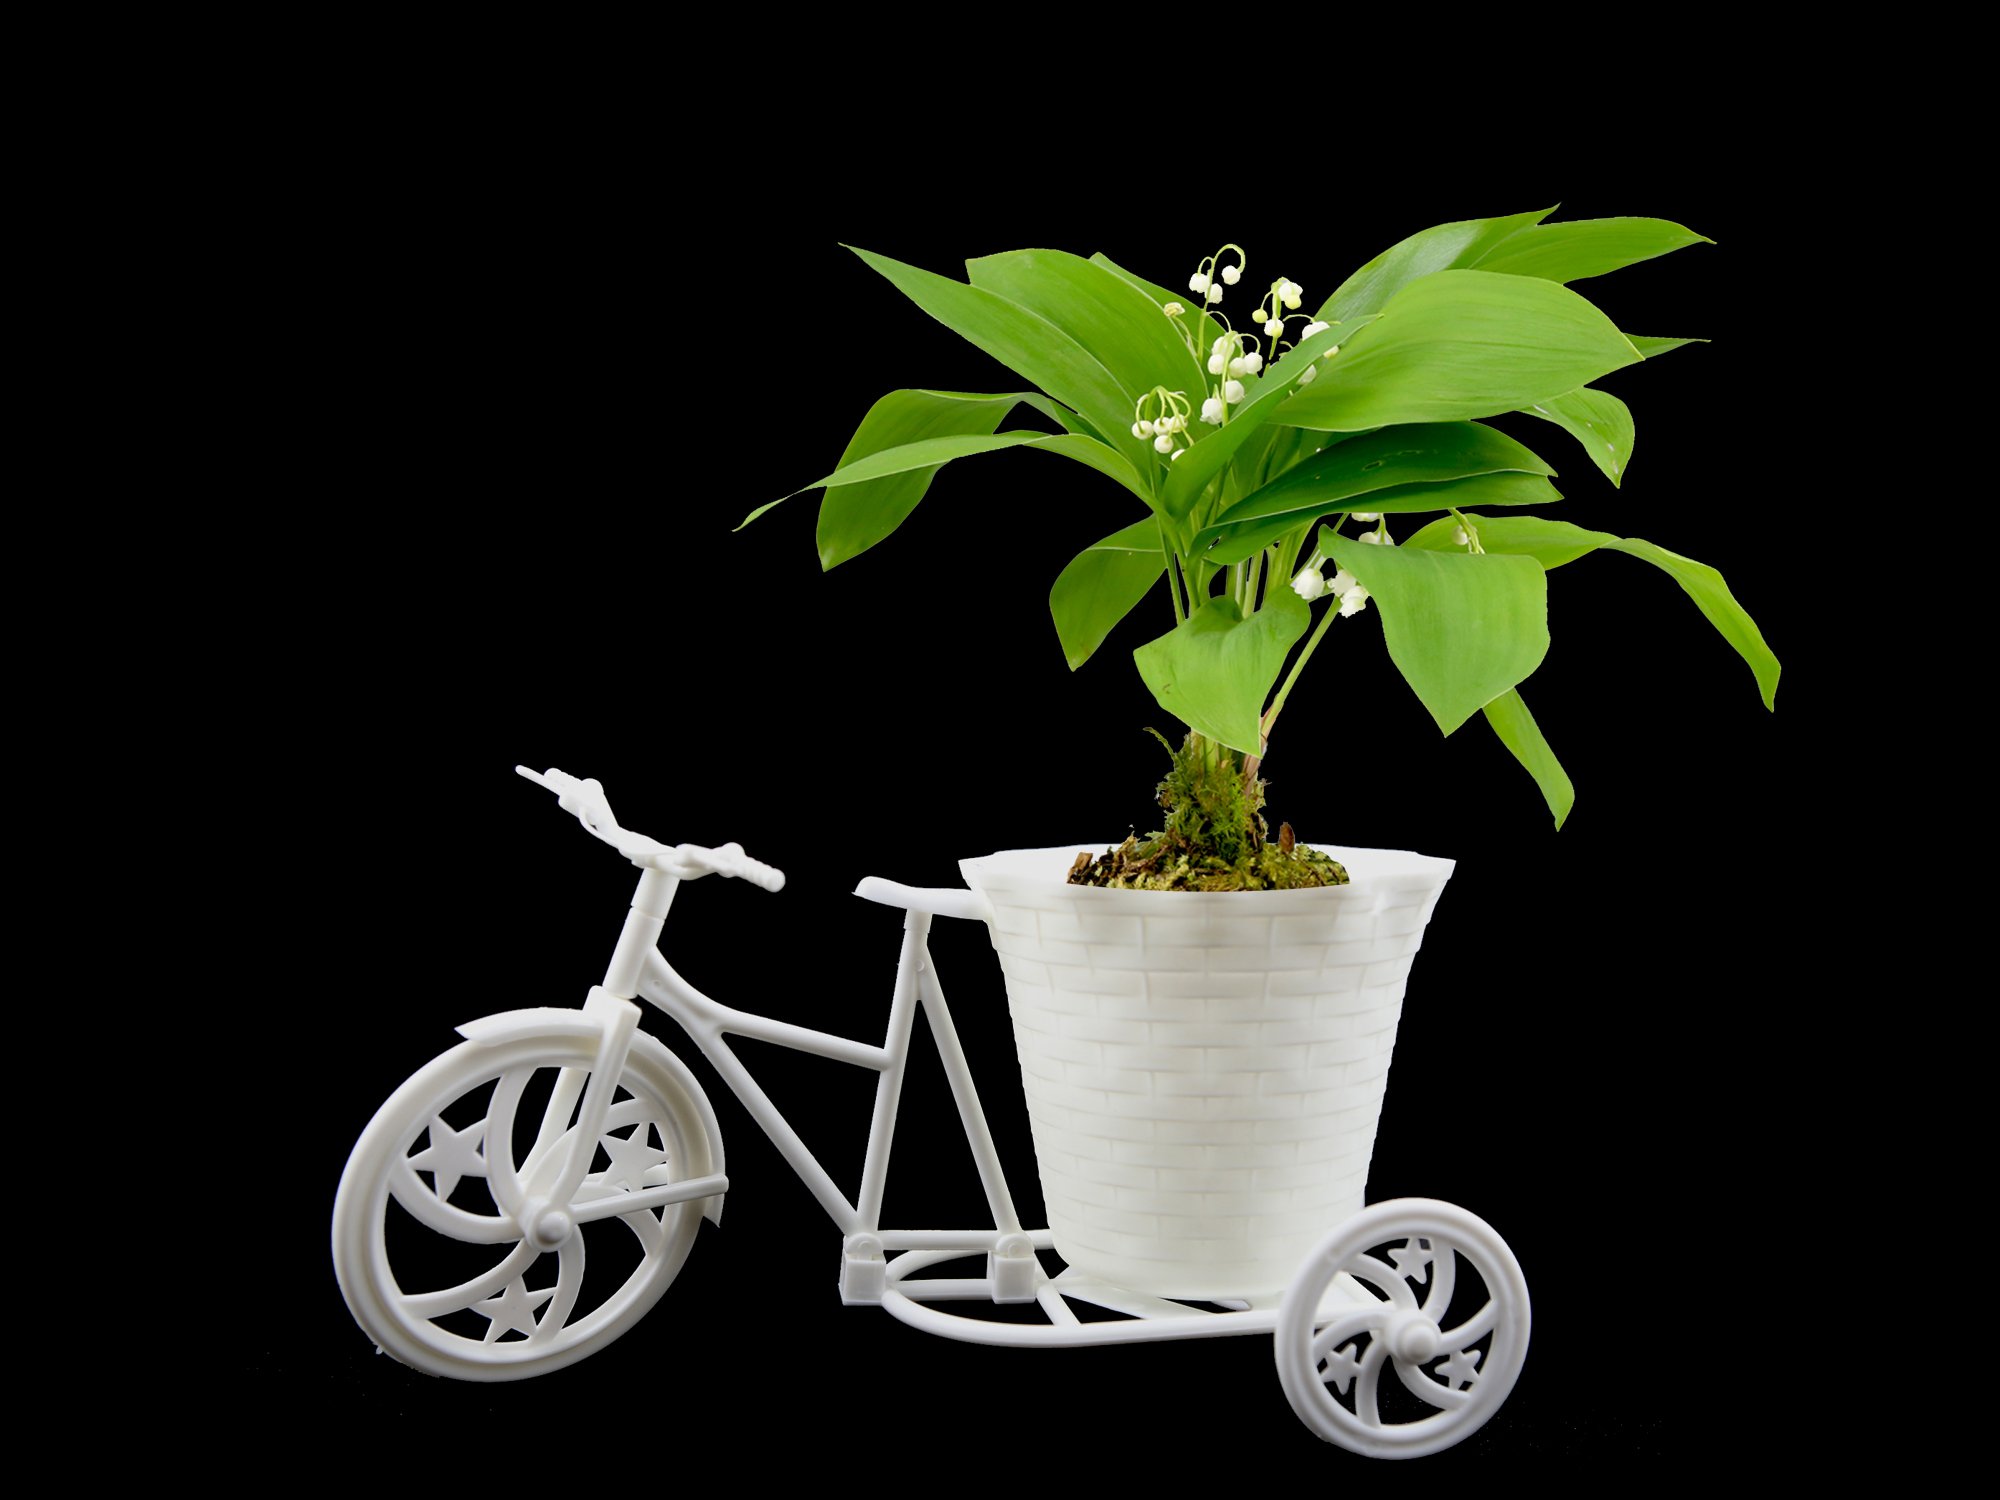 Lot de 10 pots v lo fleurs pvc pour brins de muguets dmp12 fournitures pour muguet pot et - Deco jardin velo paris ...